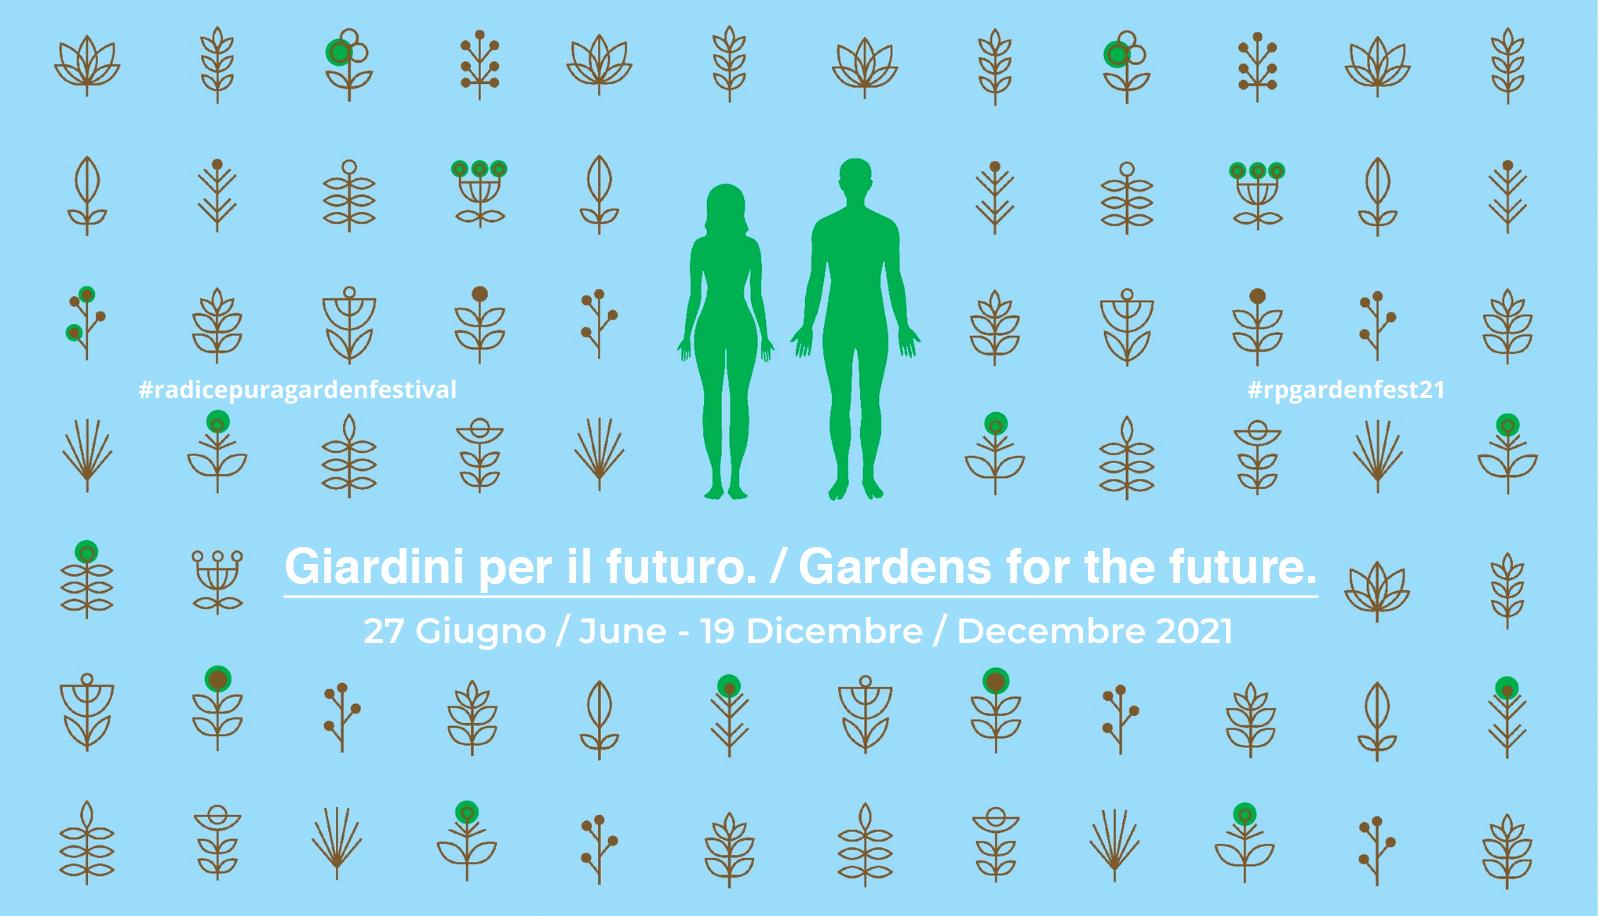 Giardini-per-il-futuro-The-garden-for-the-future